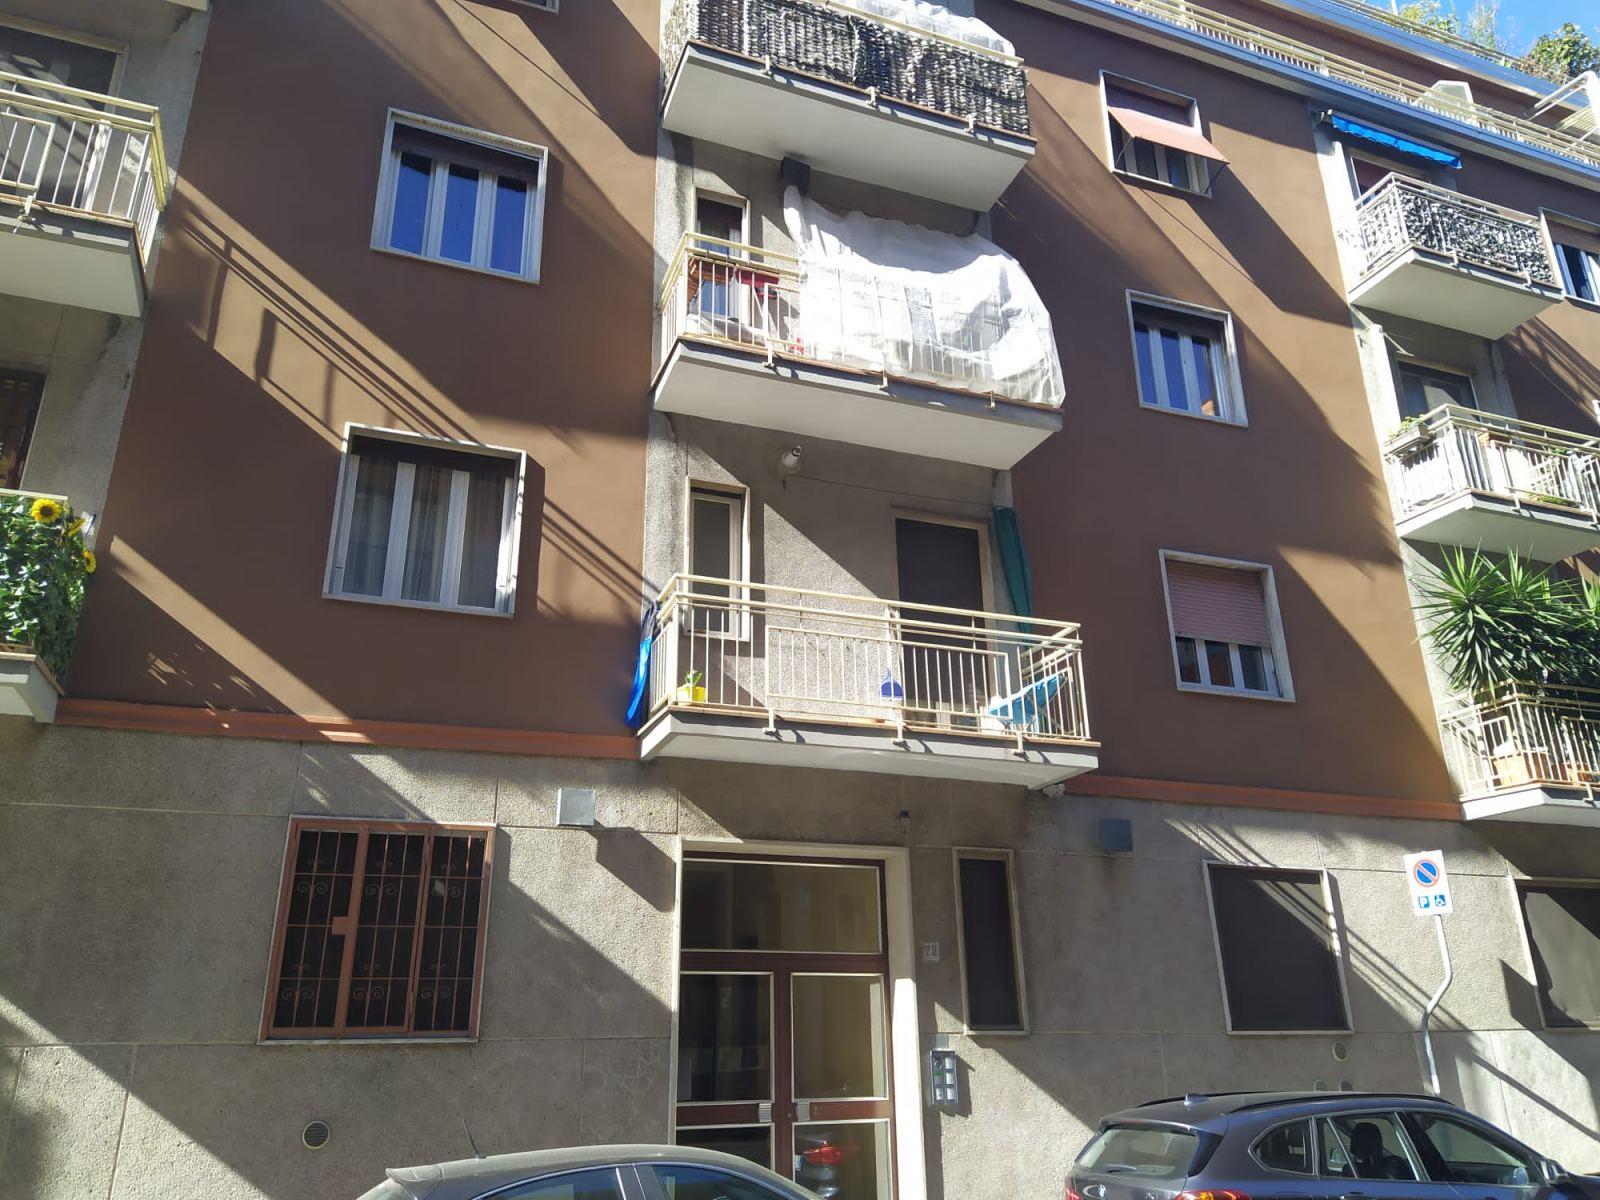 appartamento-bilocale-in-vendita-a-corsico-spaziourbano-immobiliare-vende-21